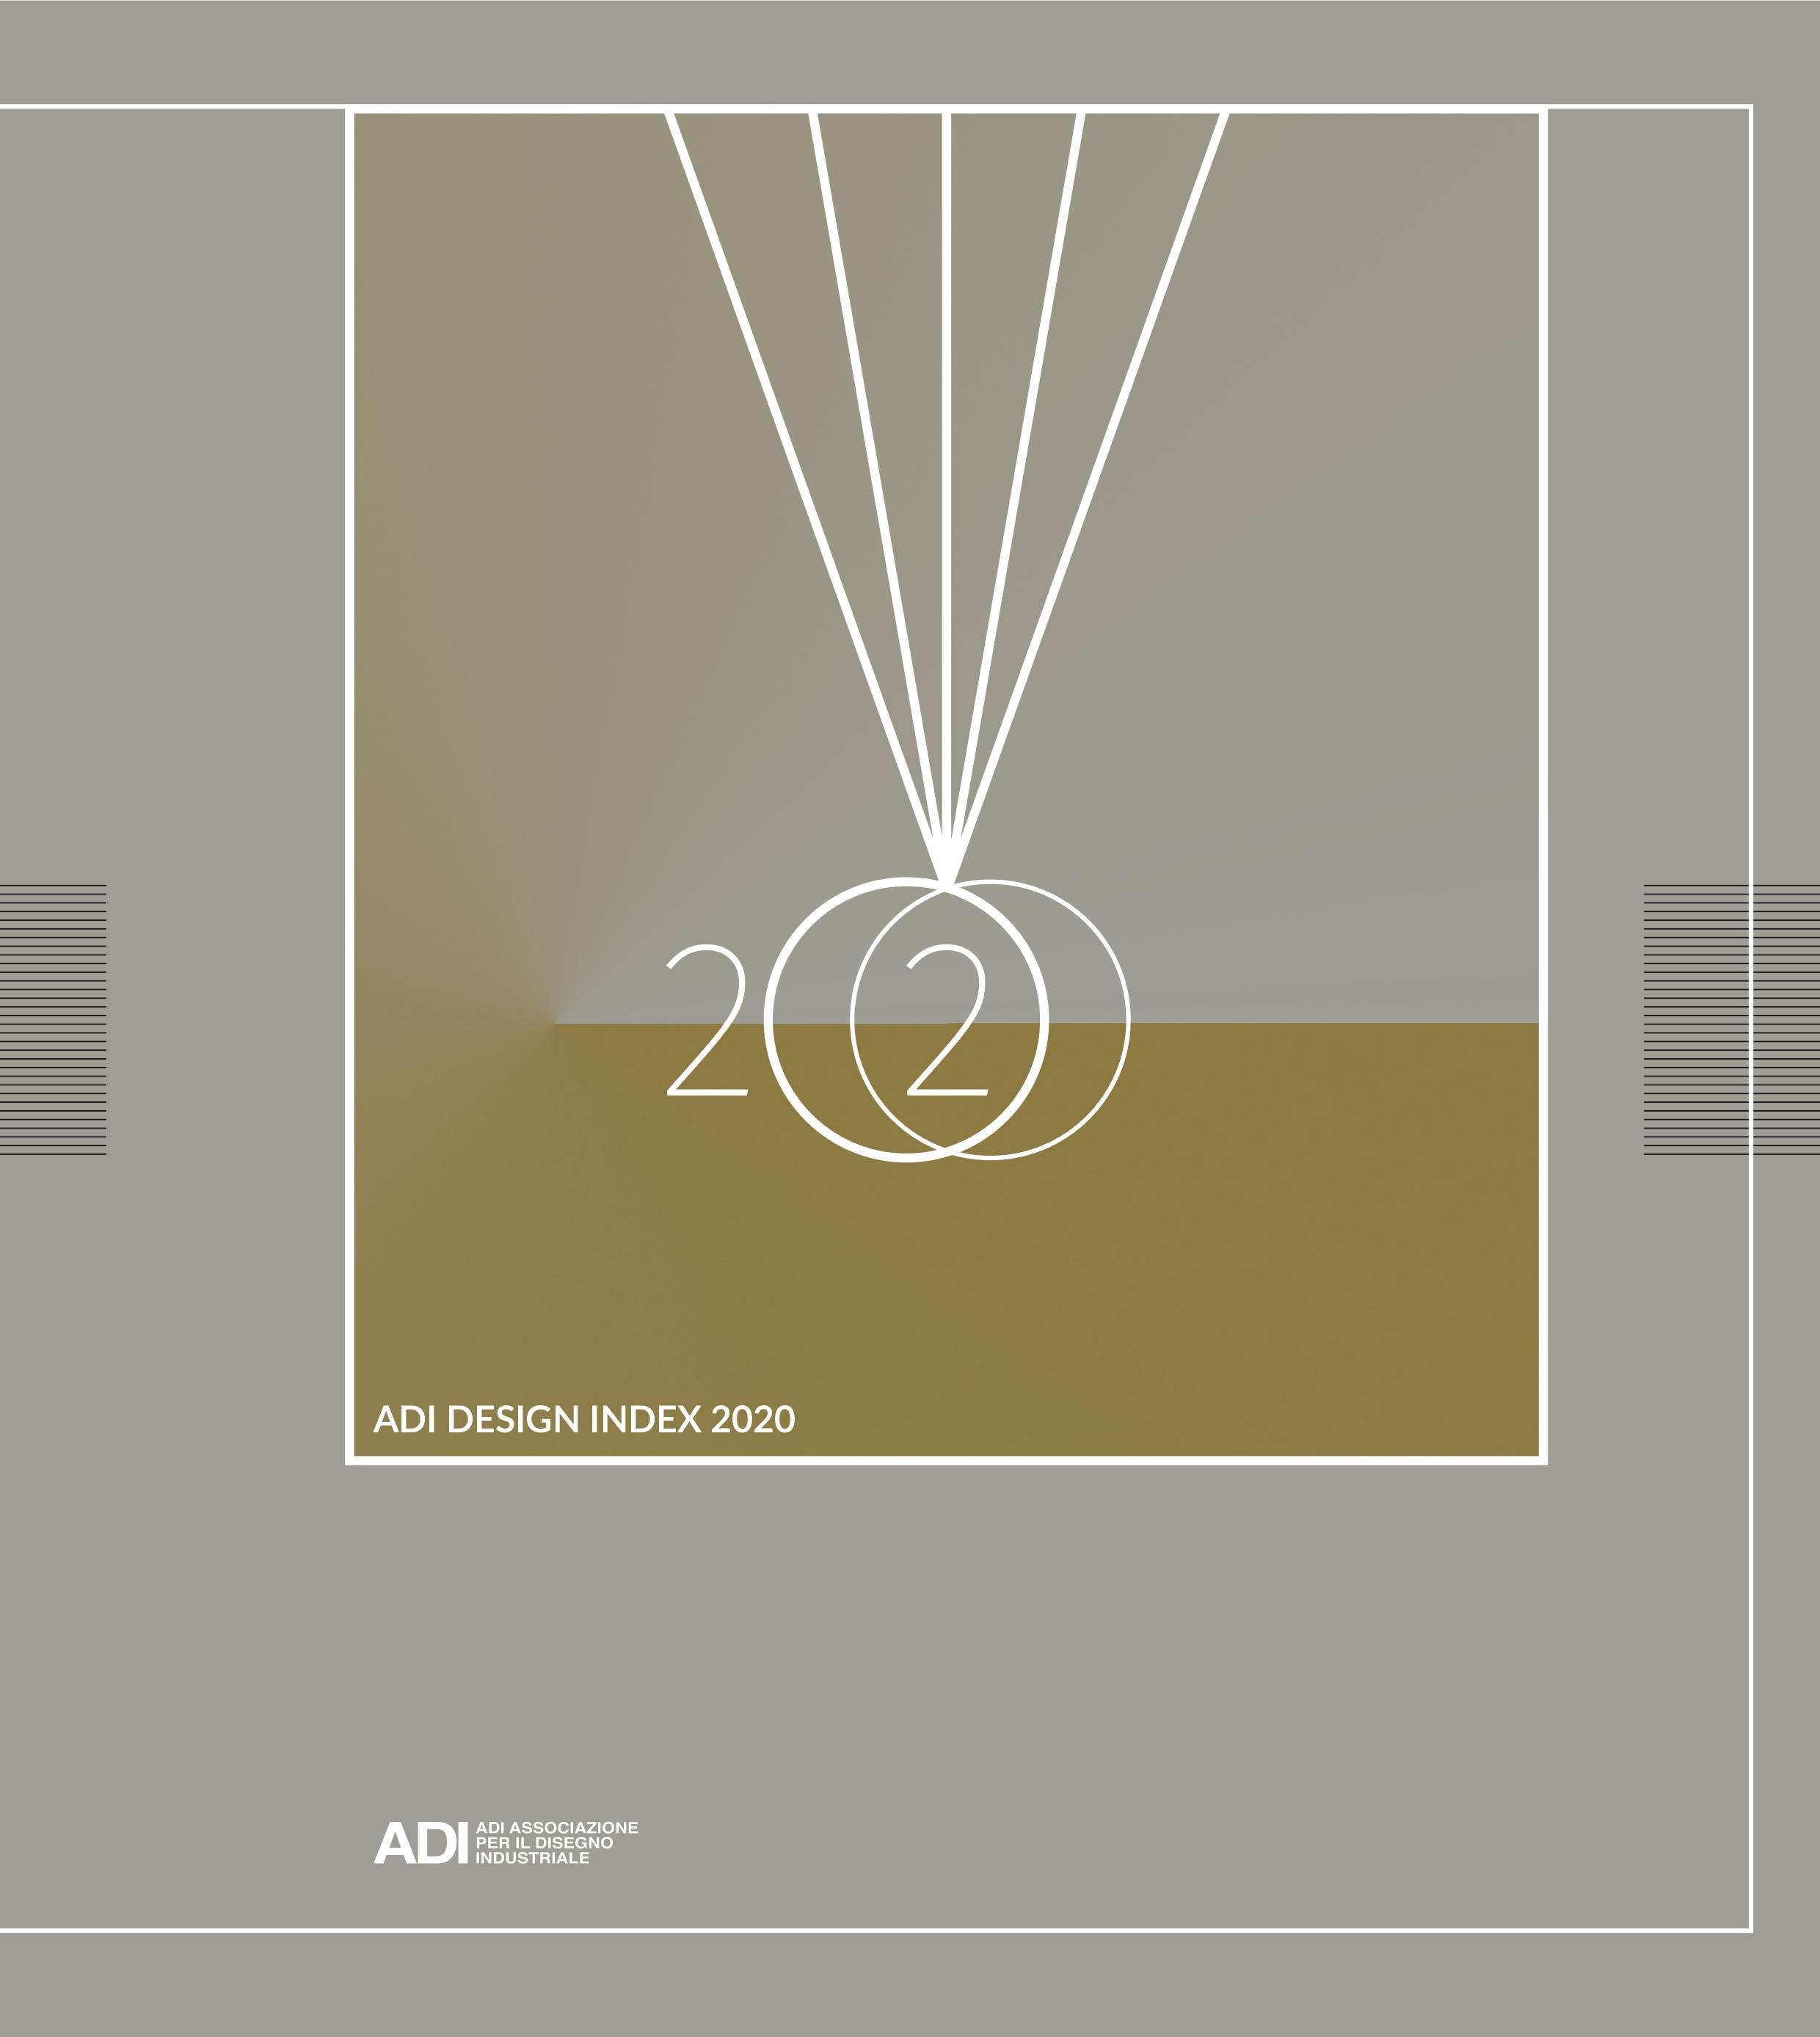 WAKEUP forADI DESIGN INDEX 2020